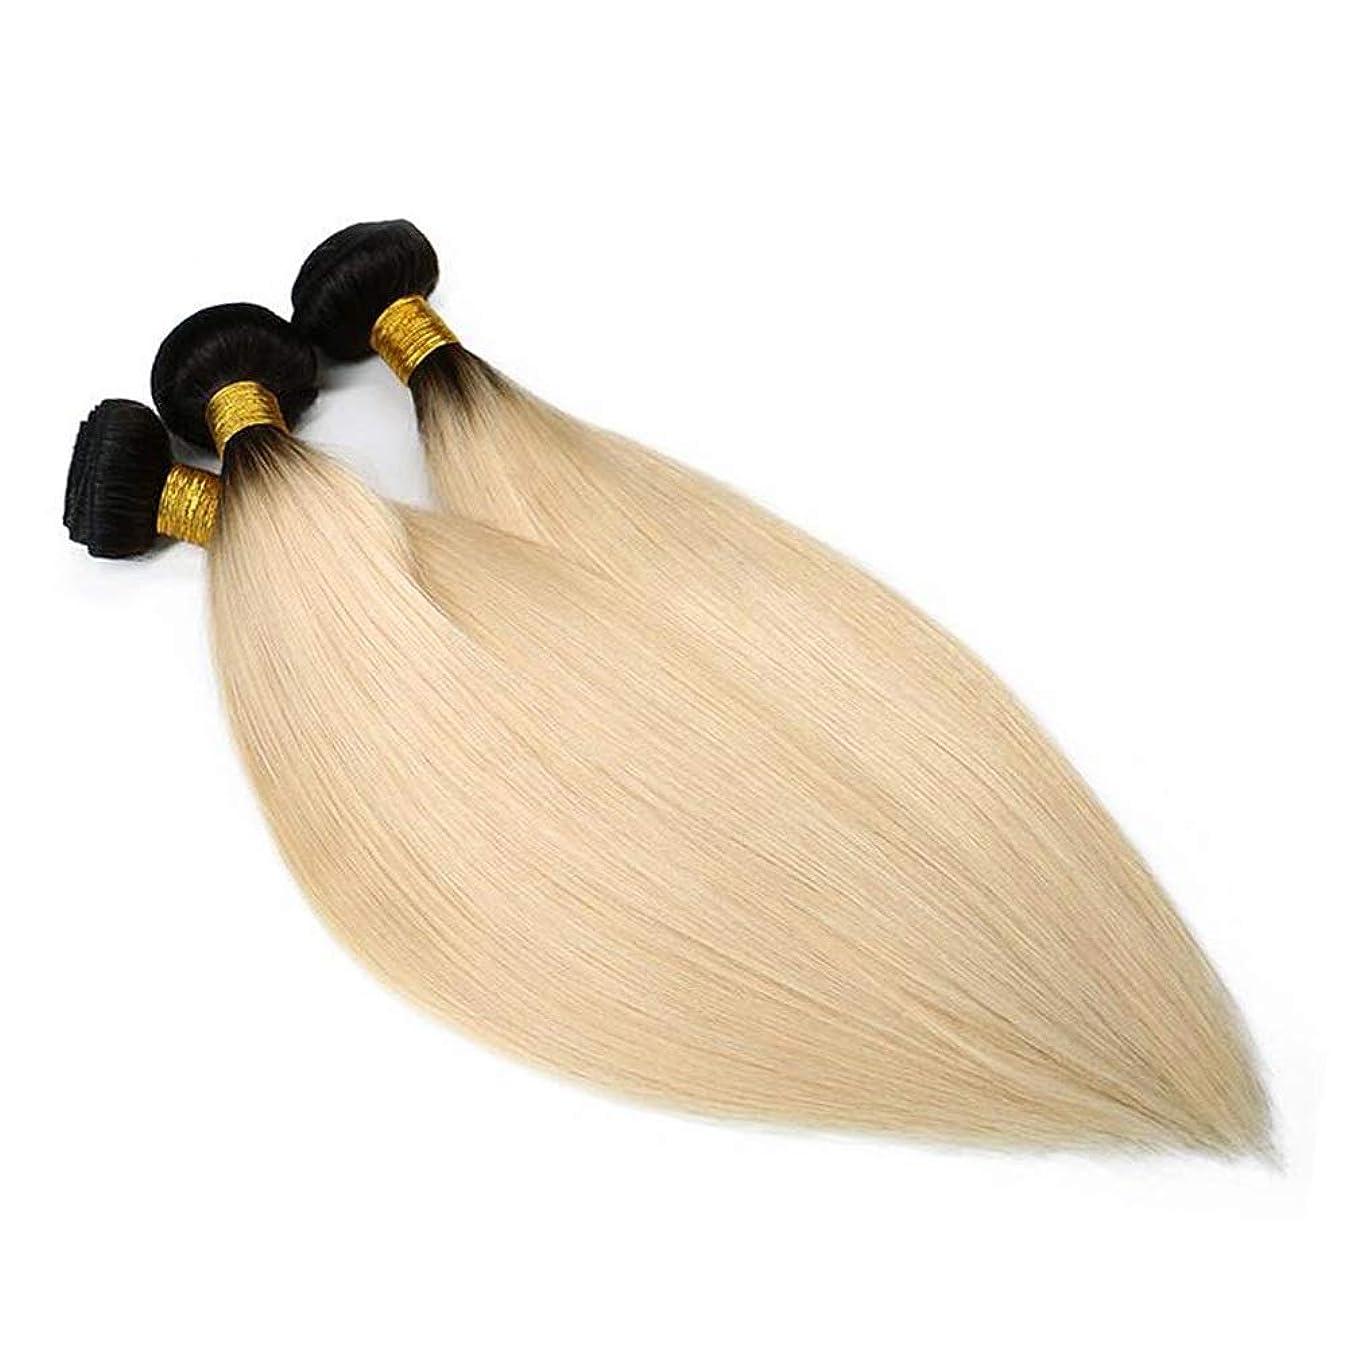 対象フレット中傷Yrattary 18インチ人間の髪織りバンドルブラジルのヘアエクステンション横糸ストレート#1B / 613ブロンド(1バンドル、100g)合成毛髪のレースのかつらロールプレイングかつら (色 : Blonde, サイズ : 26 inch)